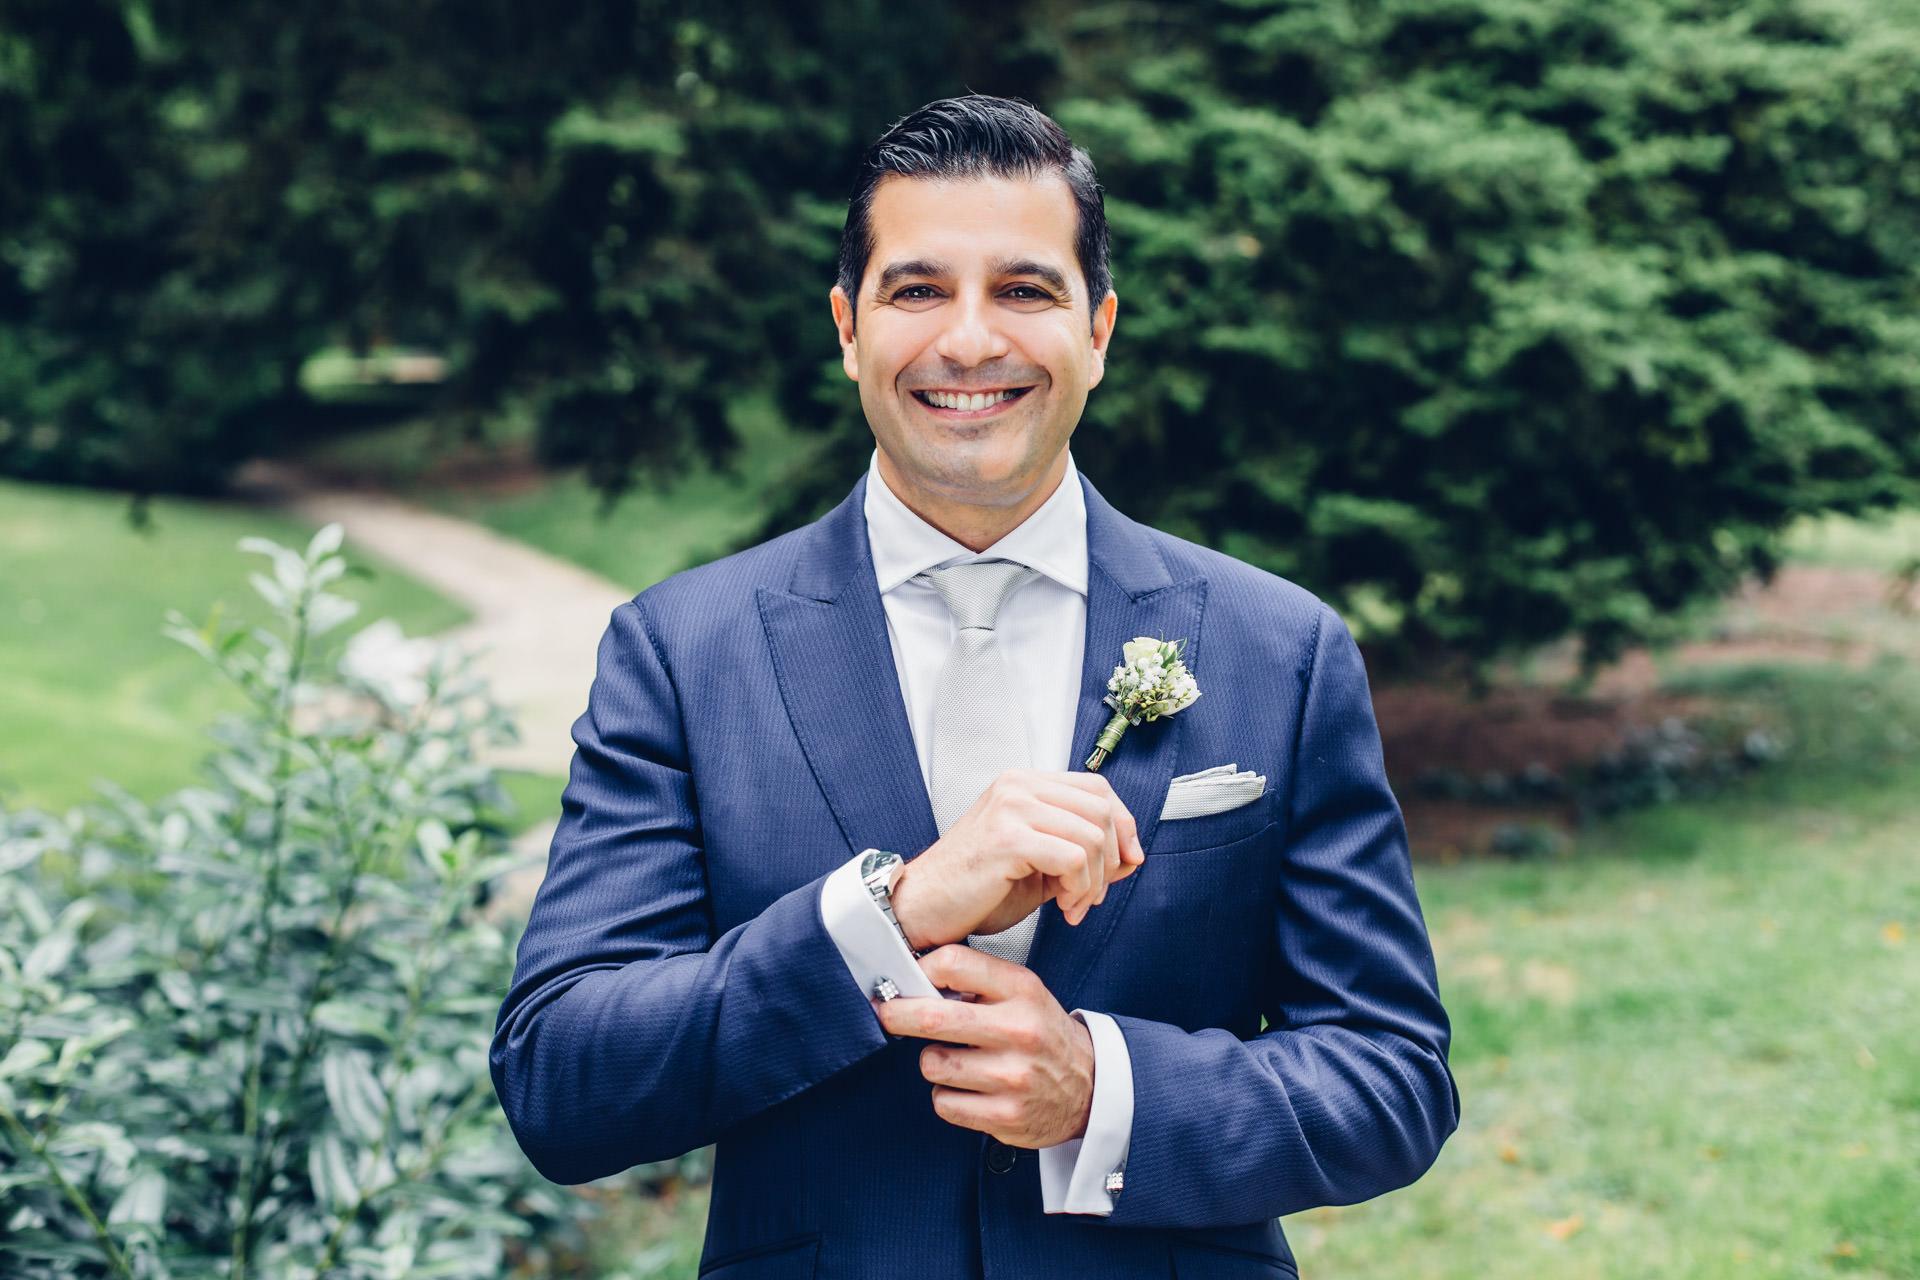 Blauer Anzug Bräutigam